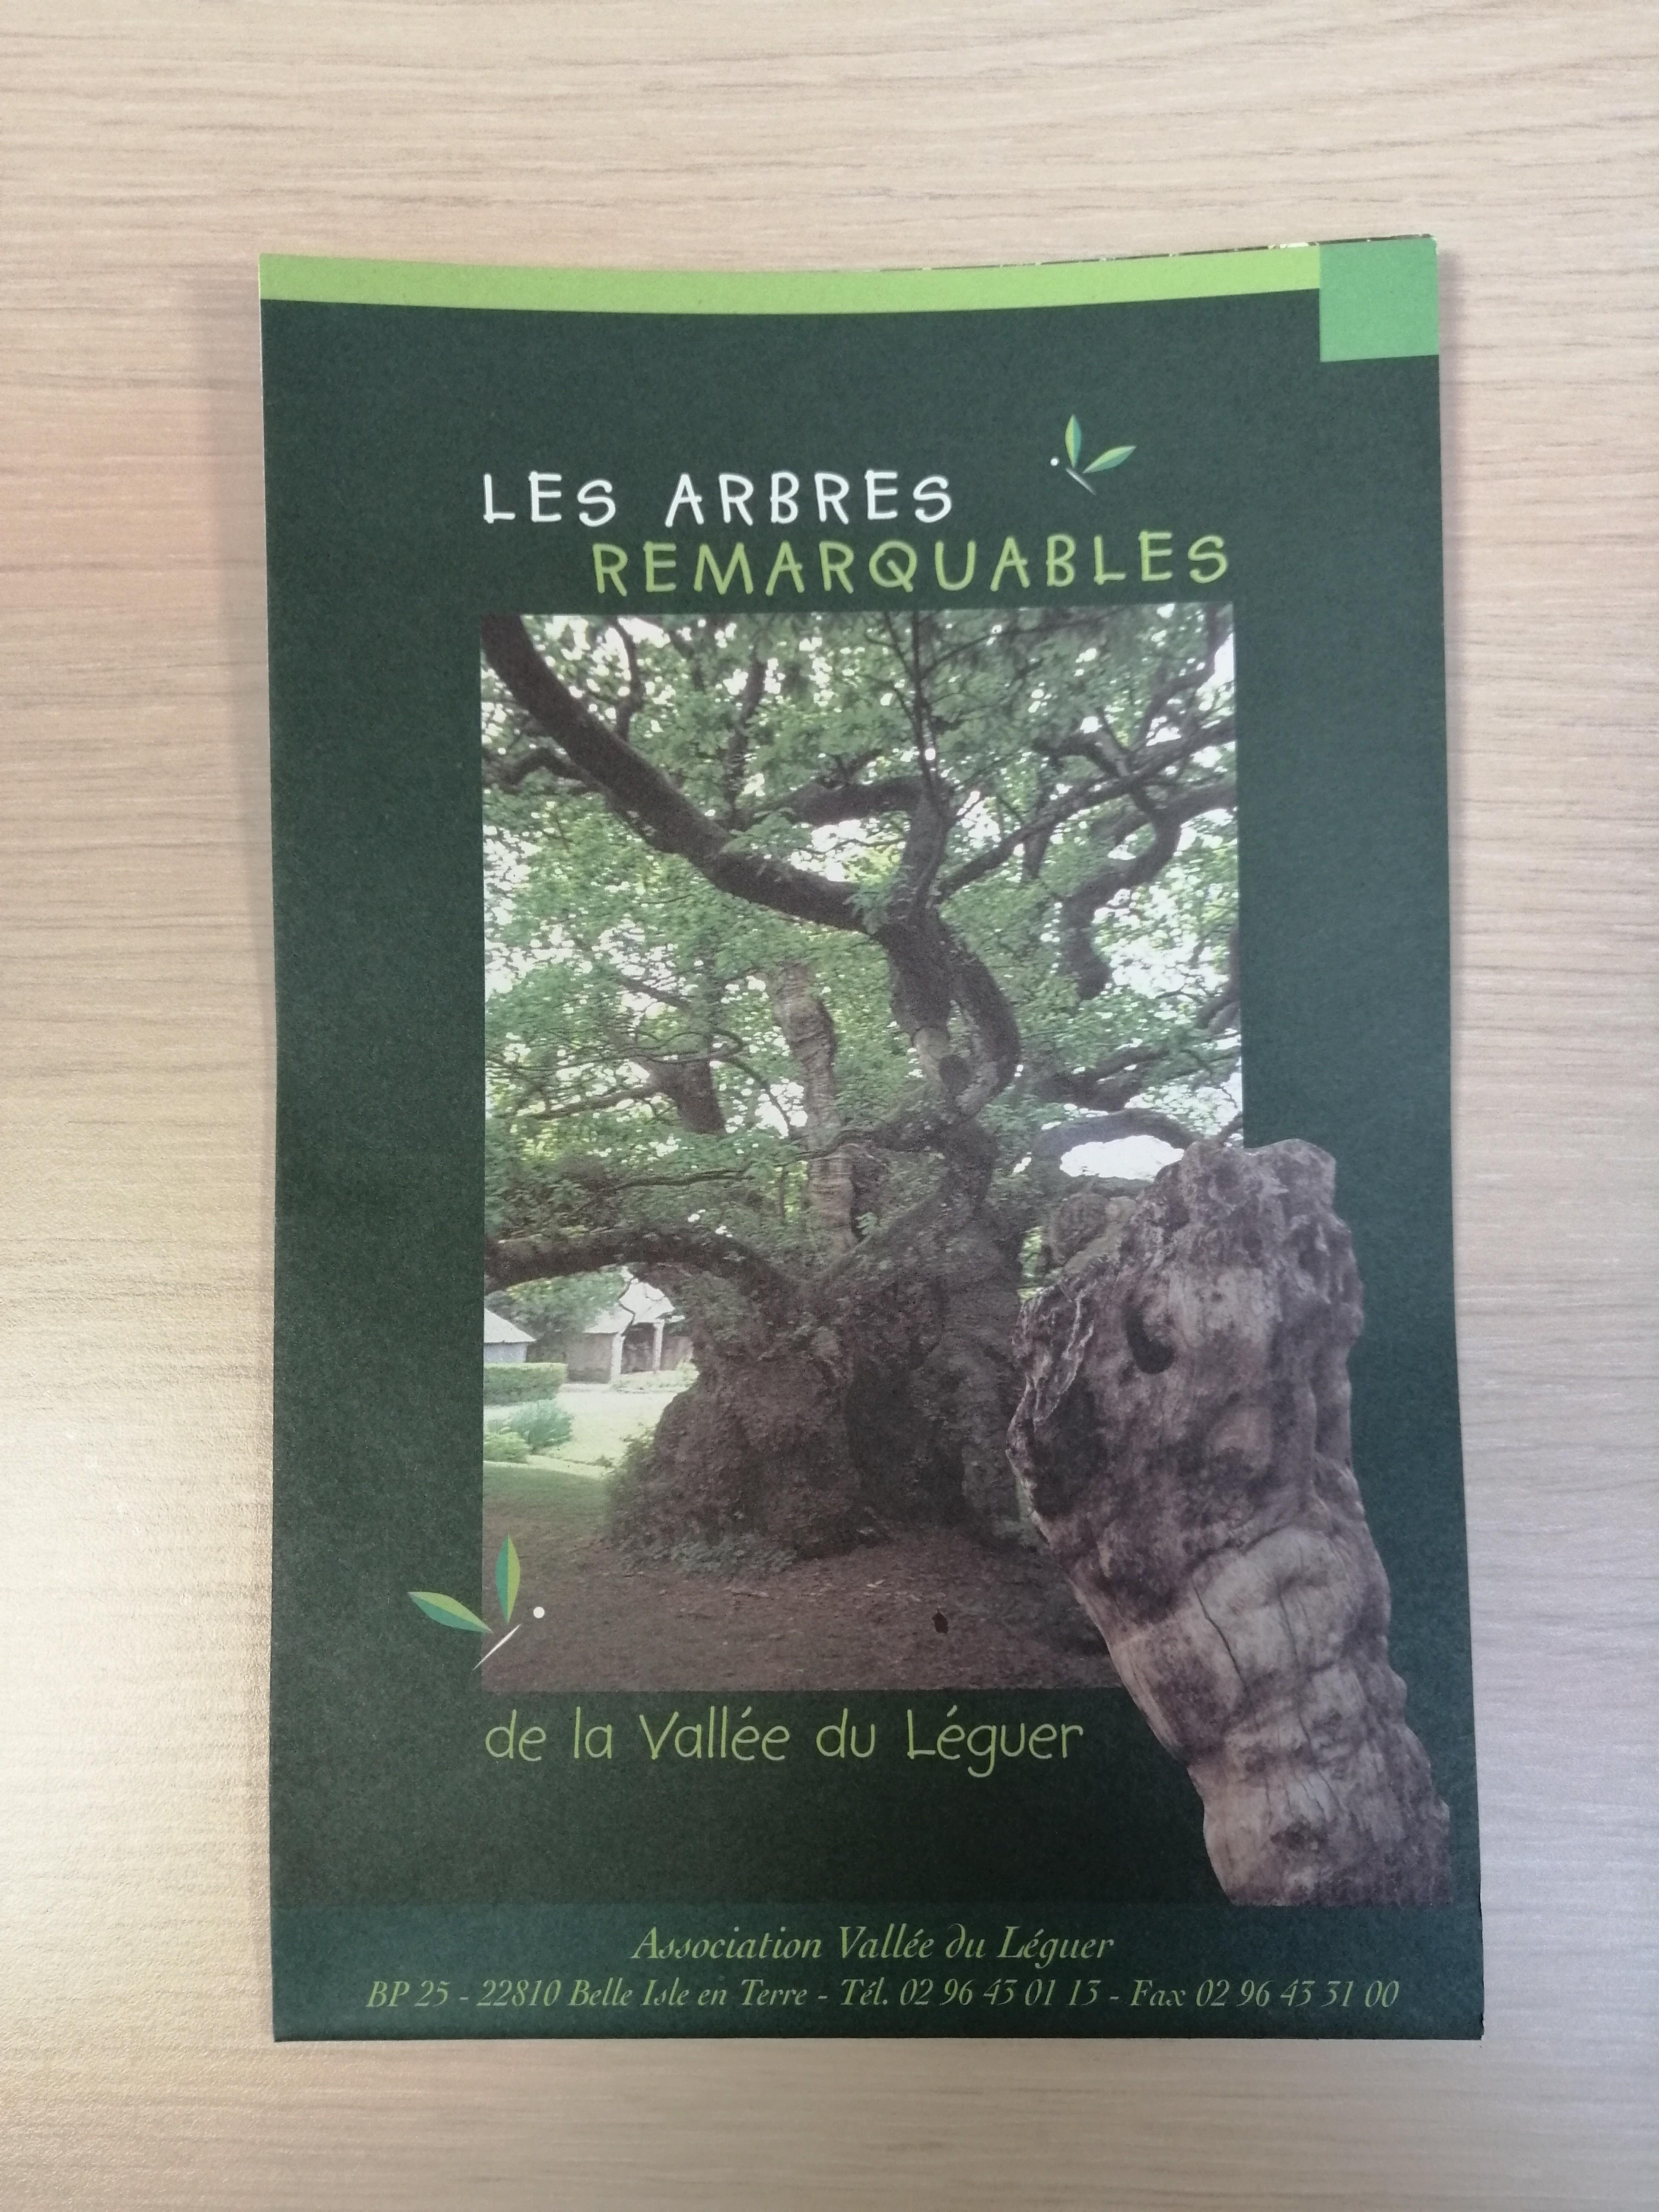 03 - Les arbres remarquables